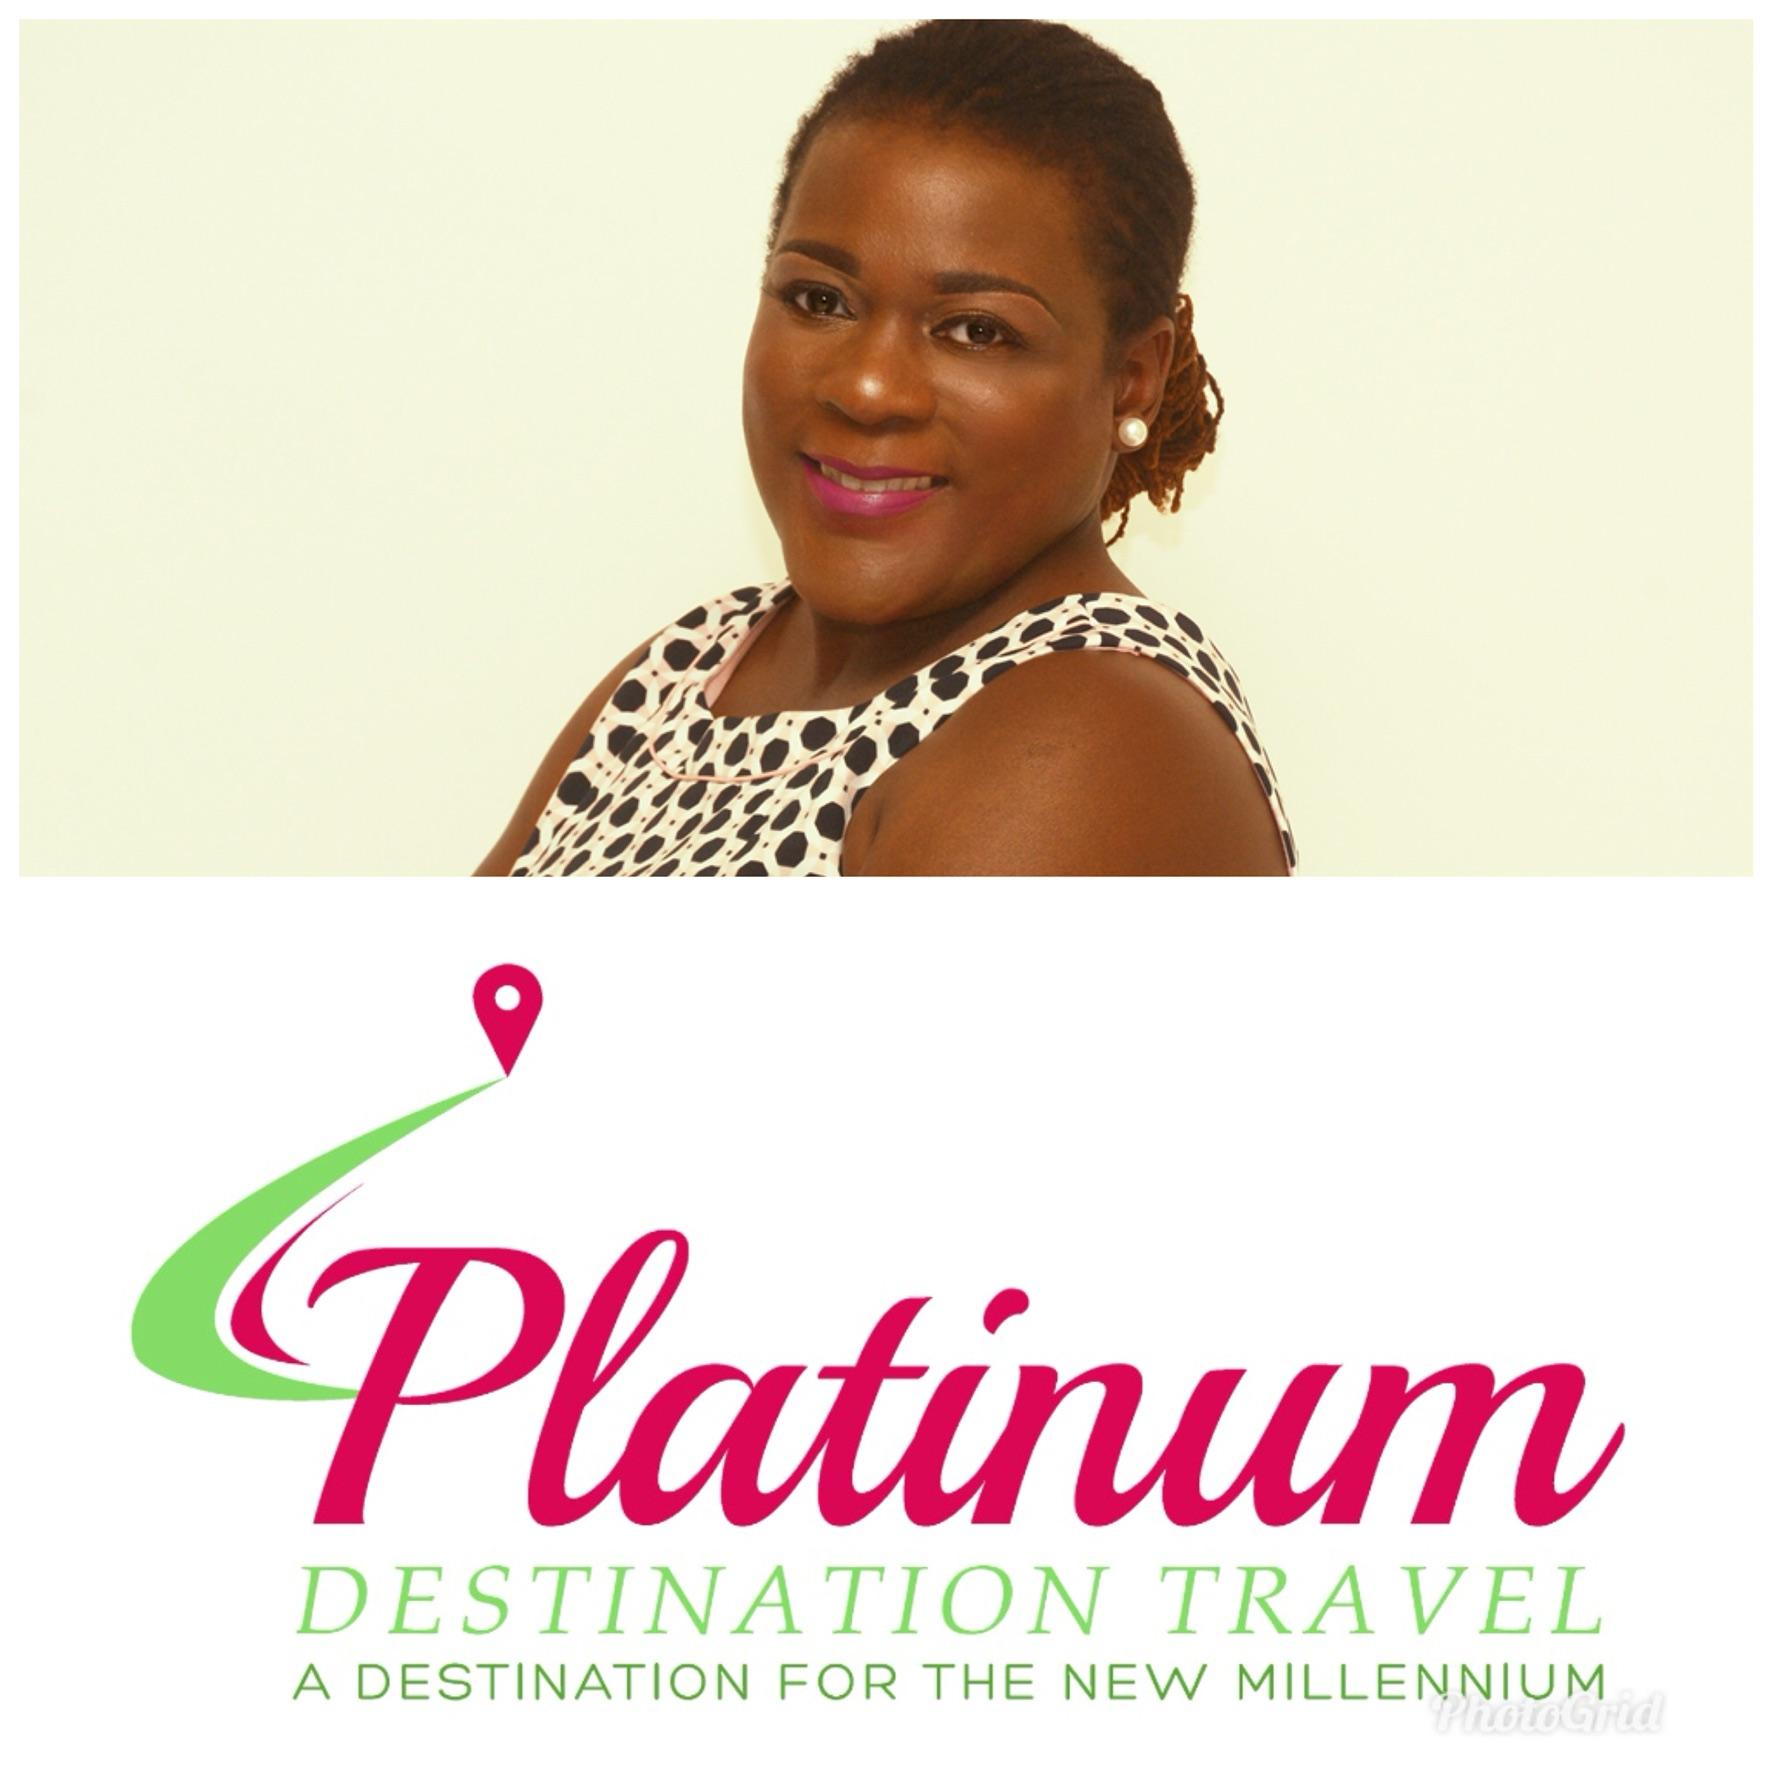 Platinum Destination Travel